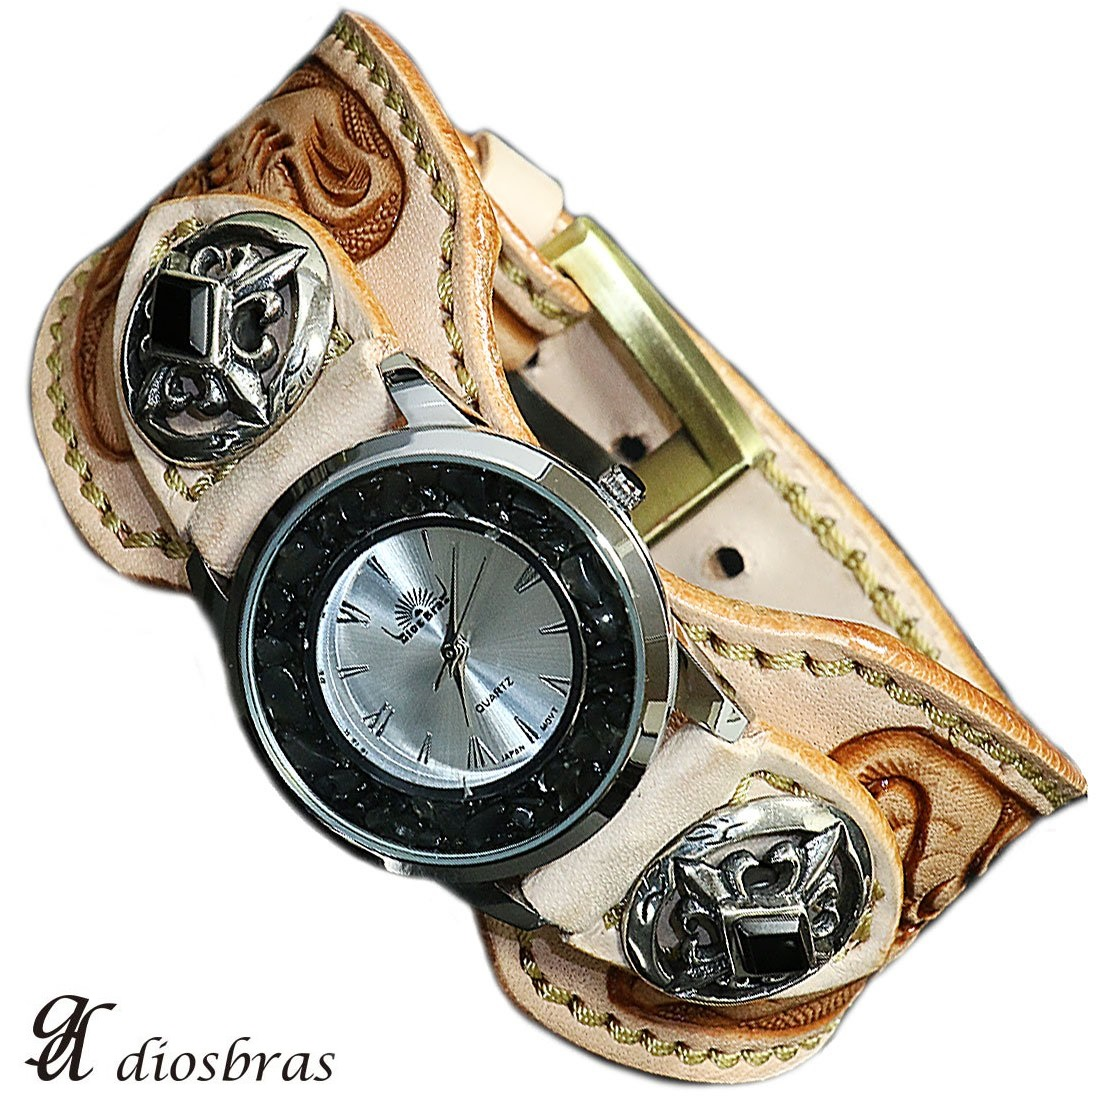 【diosbras-ディオブラス-】本革サドルレザー手彫りカービング カスタムウォッチ レザーウォッチ コンチョ 腕時計 シルバー925 ヌメ革 バイカー 牛革時計 ナチュラル ヌメ革